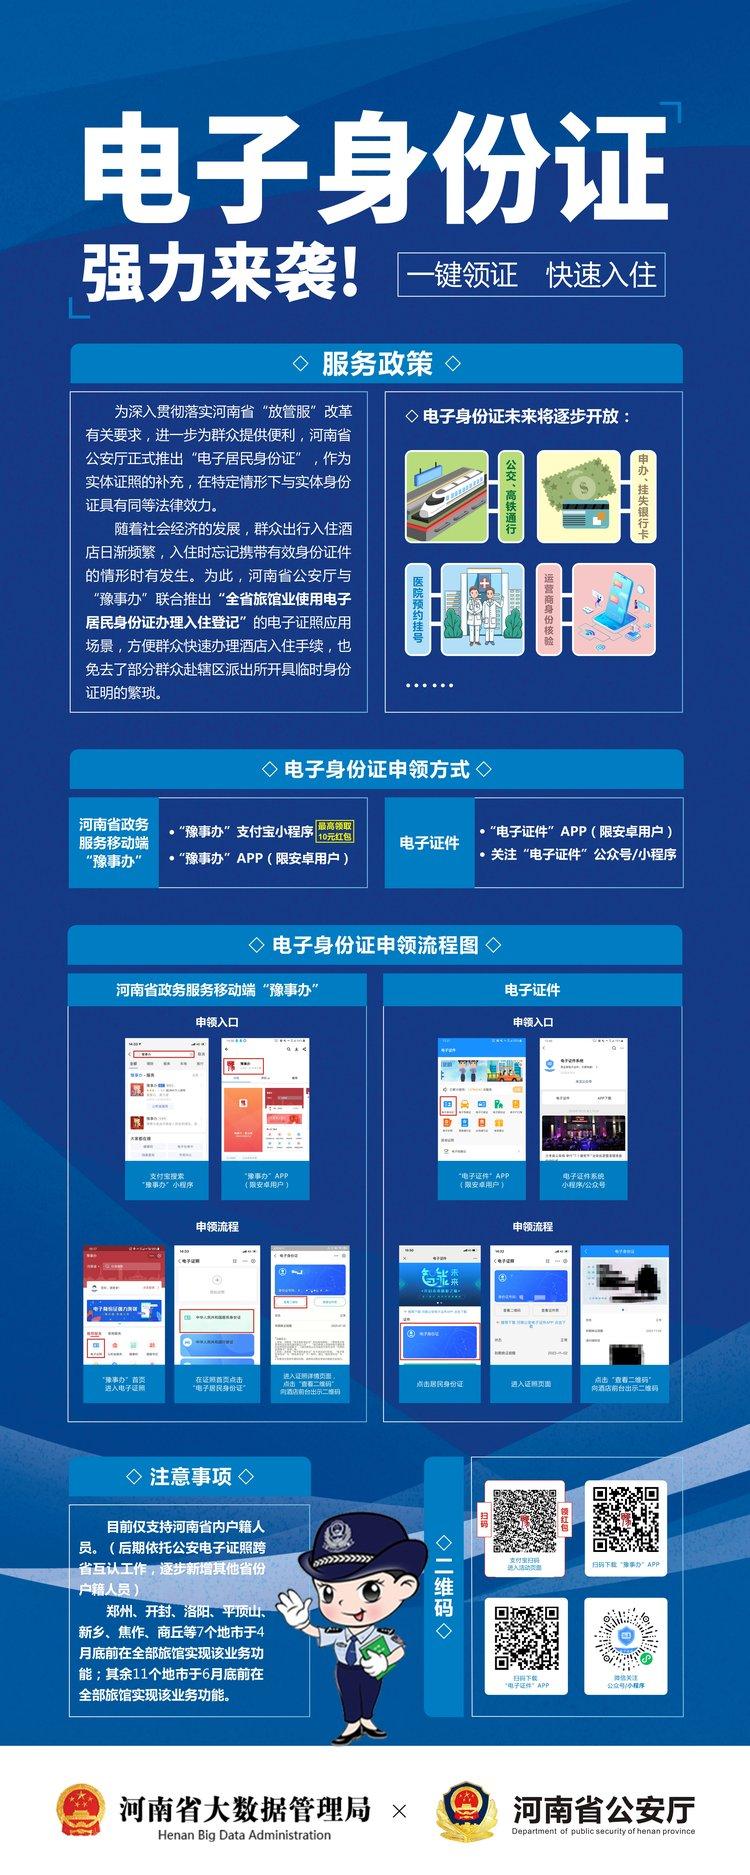 河南推出電子居民身份證服務